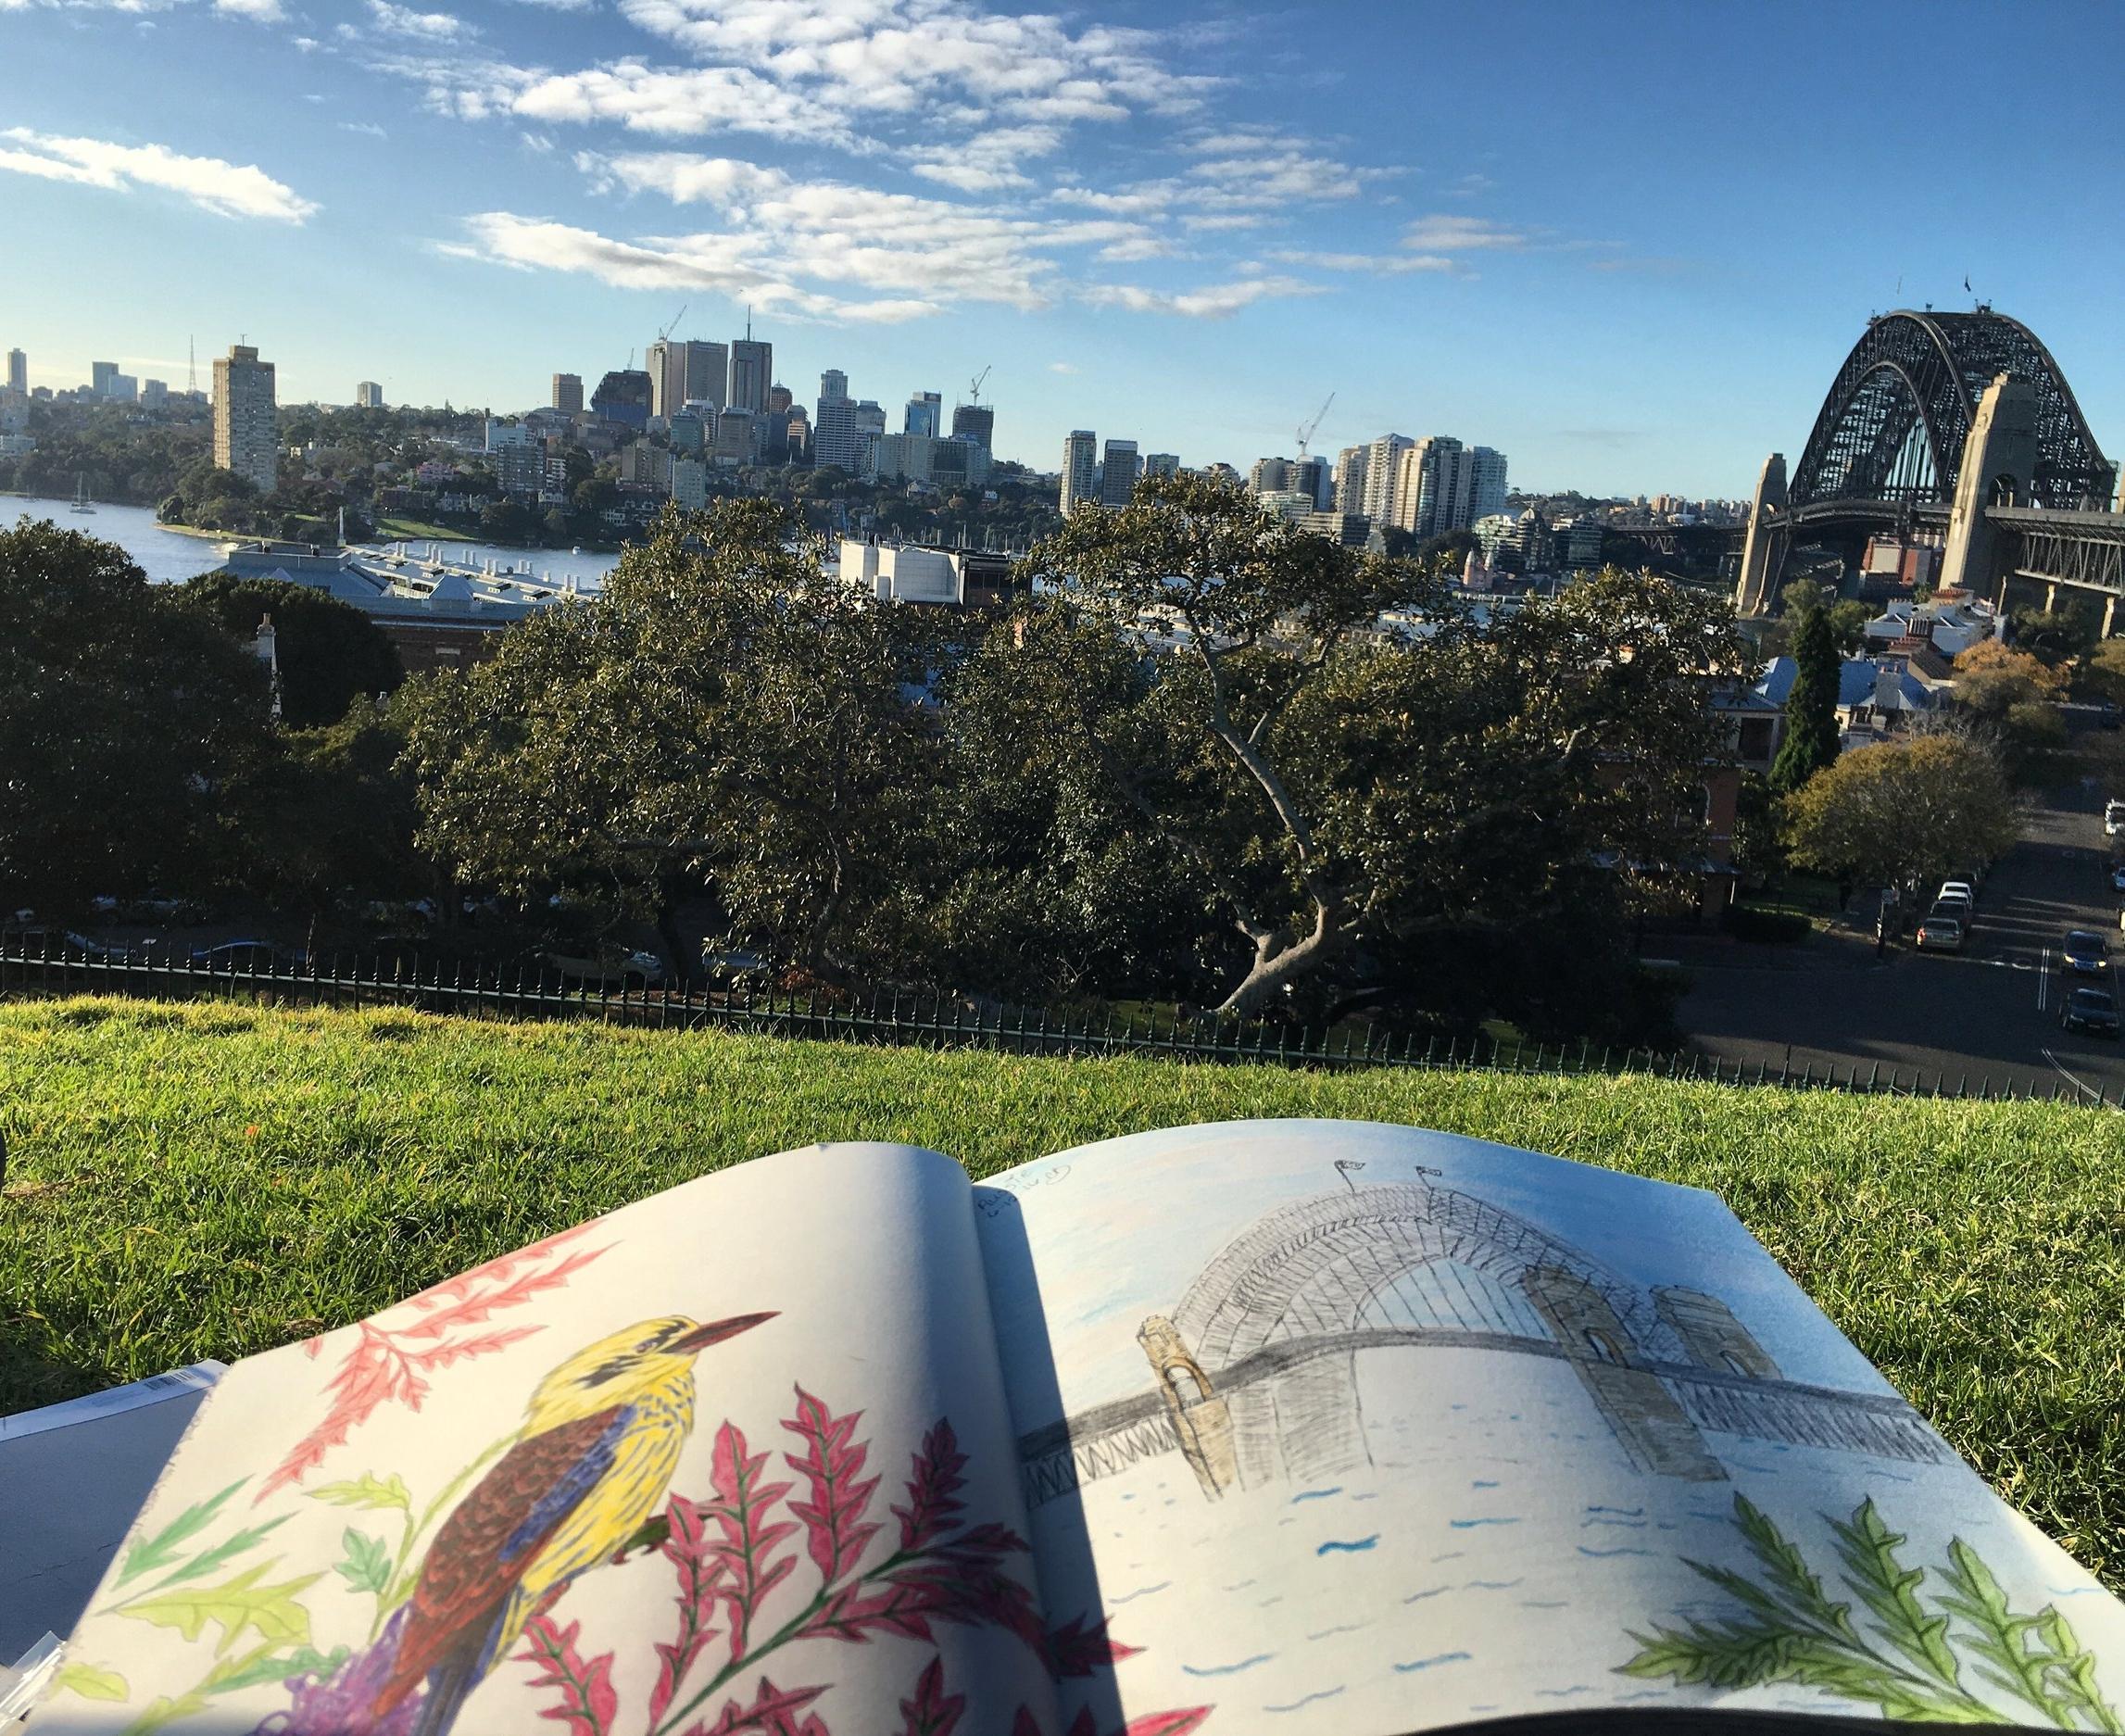 Off day? Park day. Sydney,Australia.